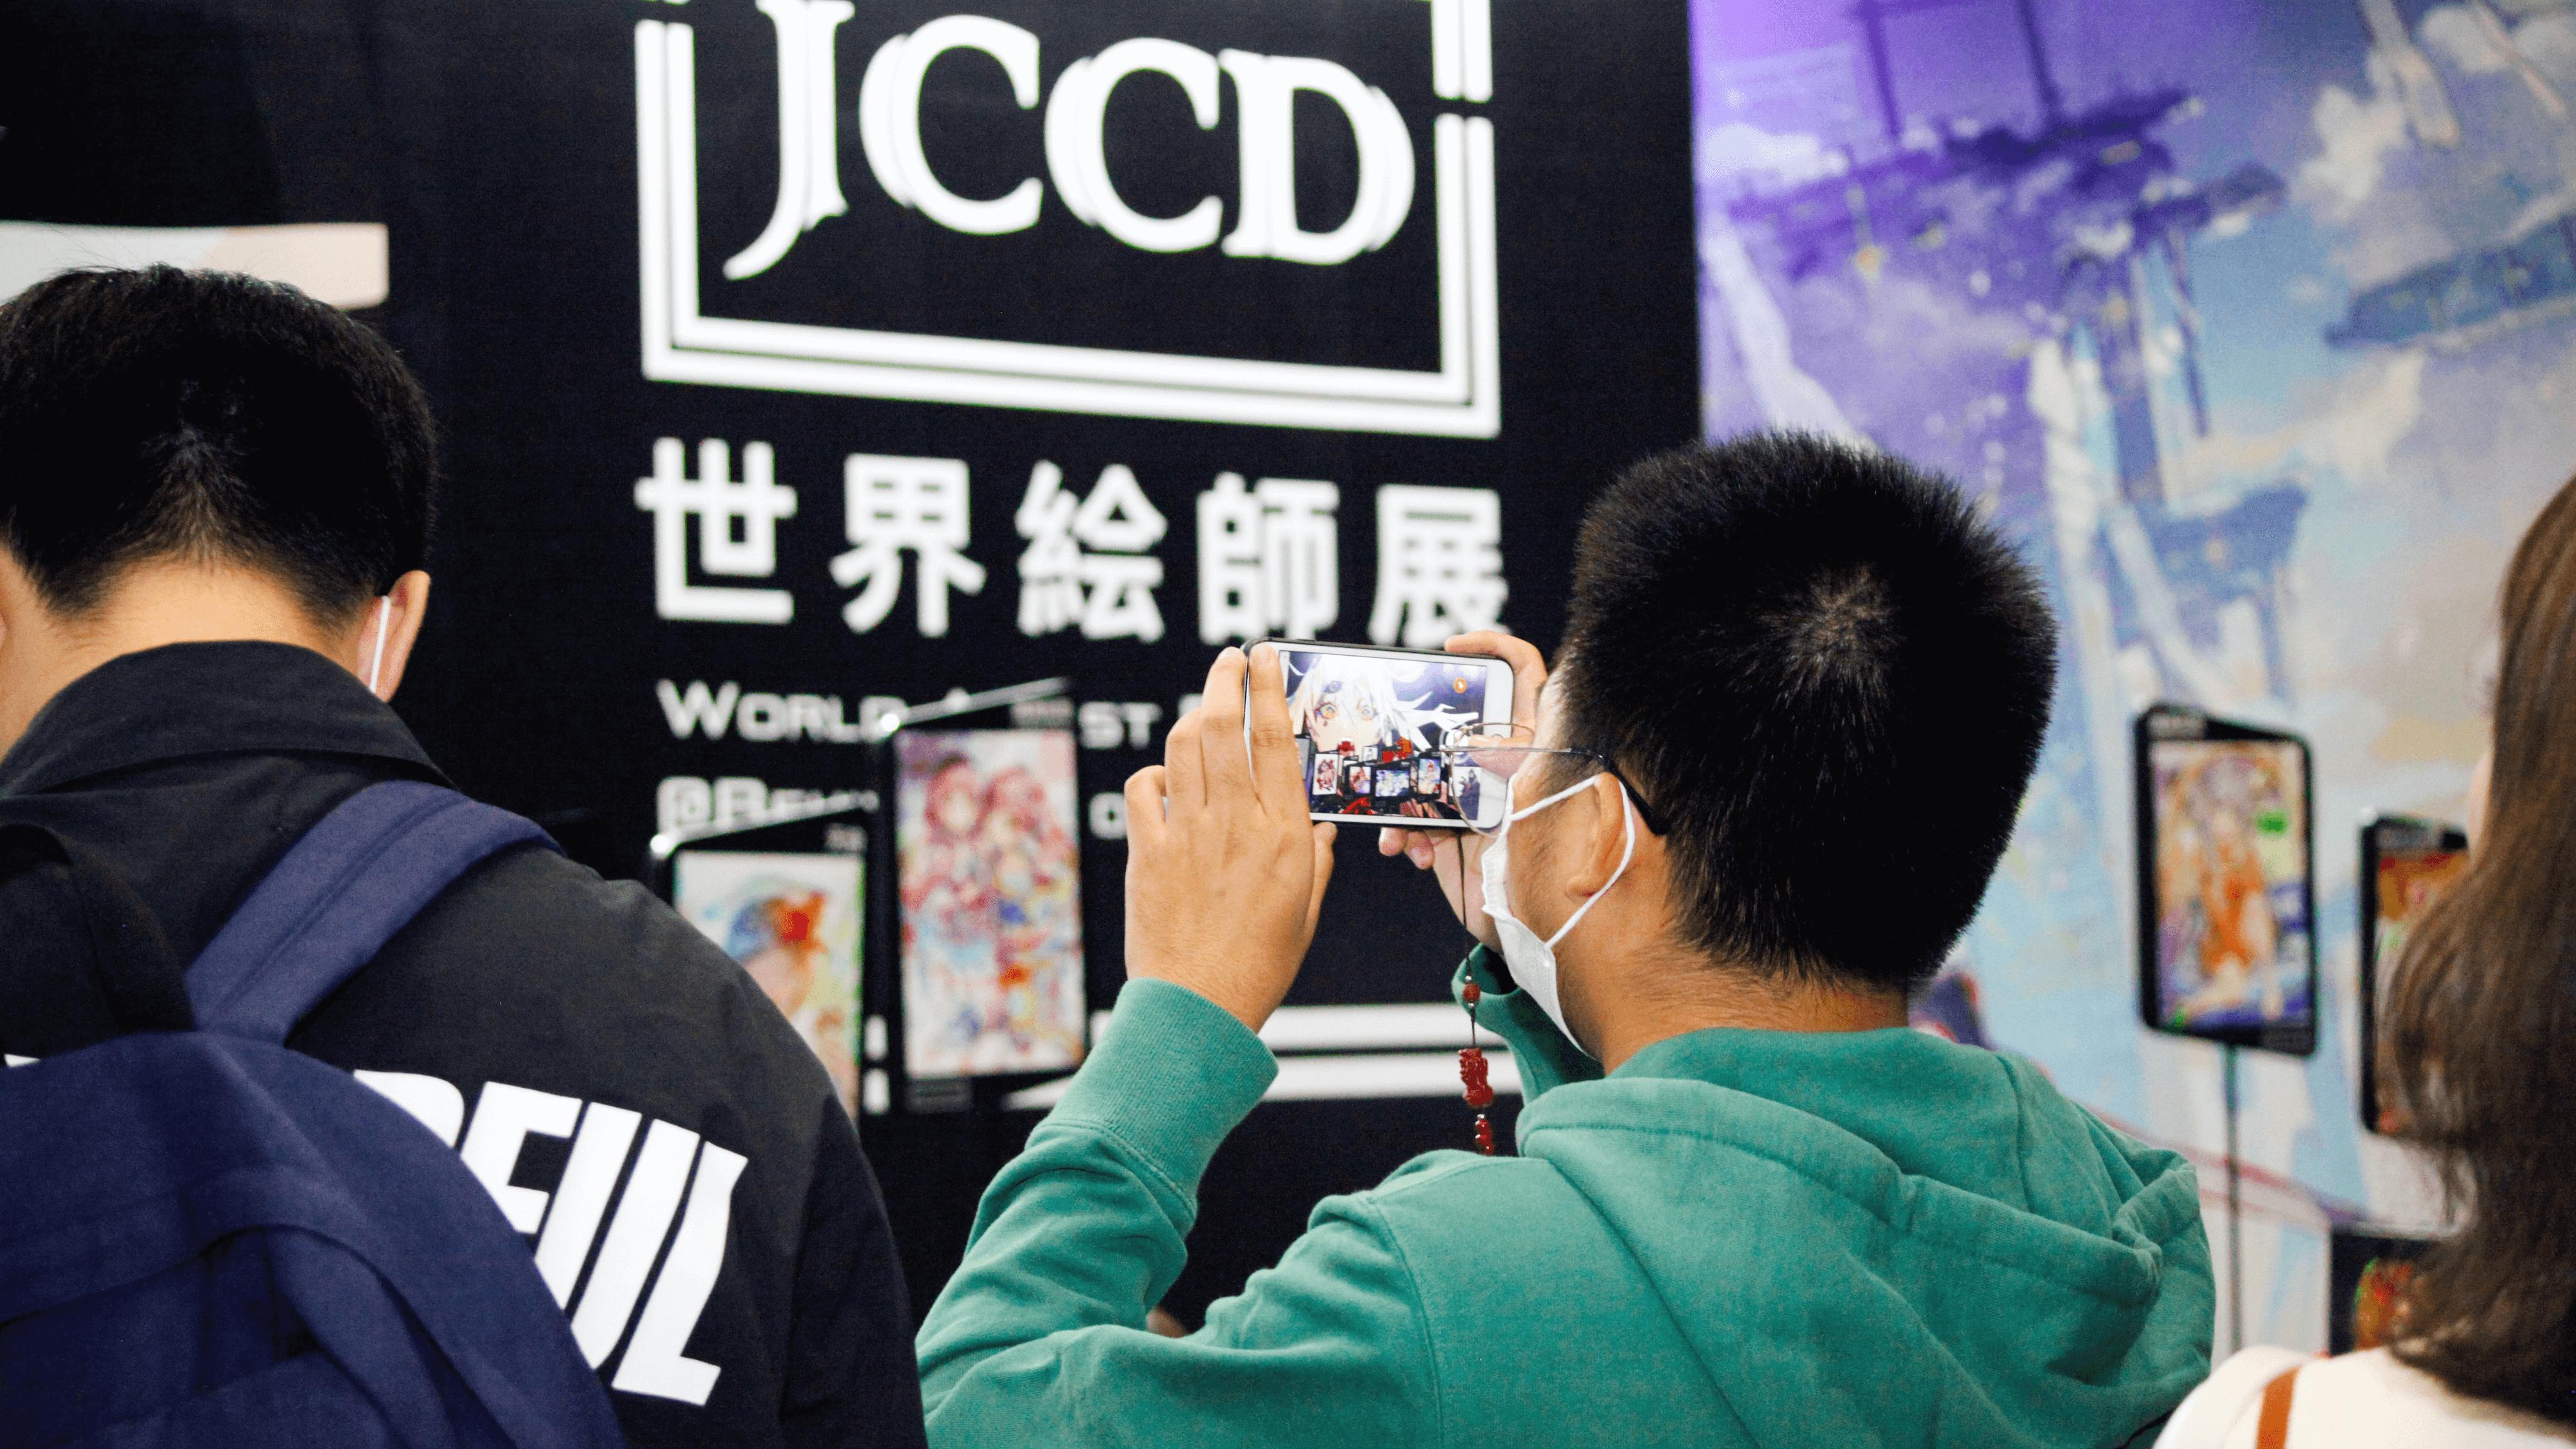 中国北部最大のACG展示会に、「JCCD 世界絵師展」を出展